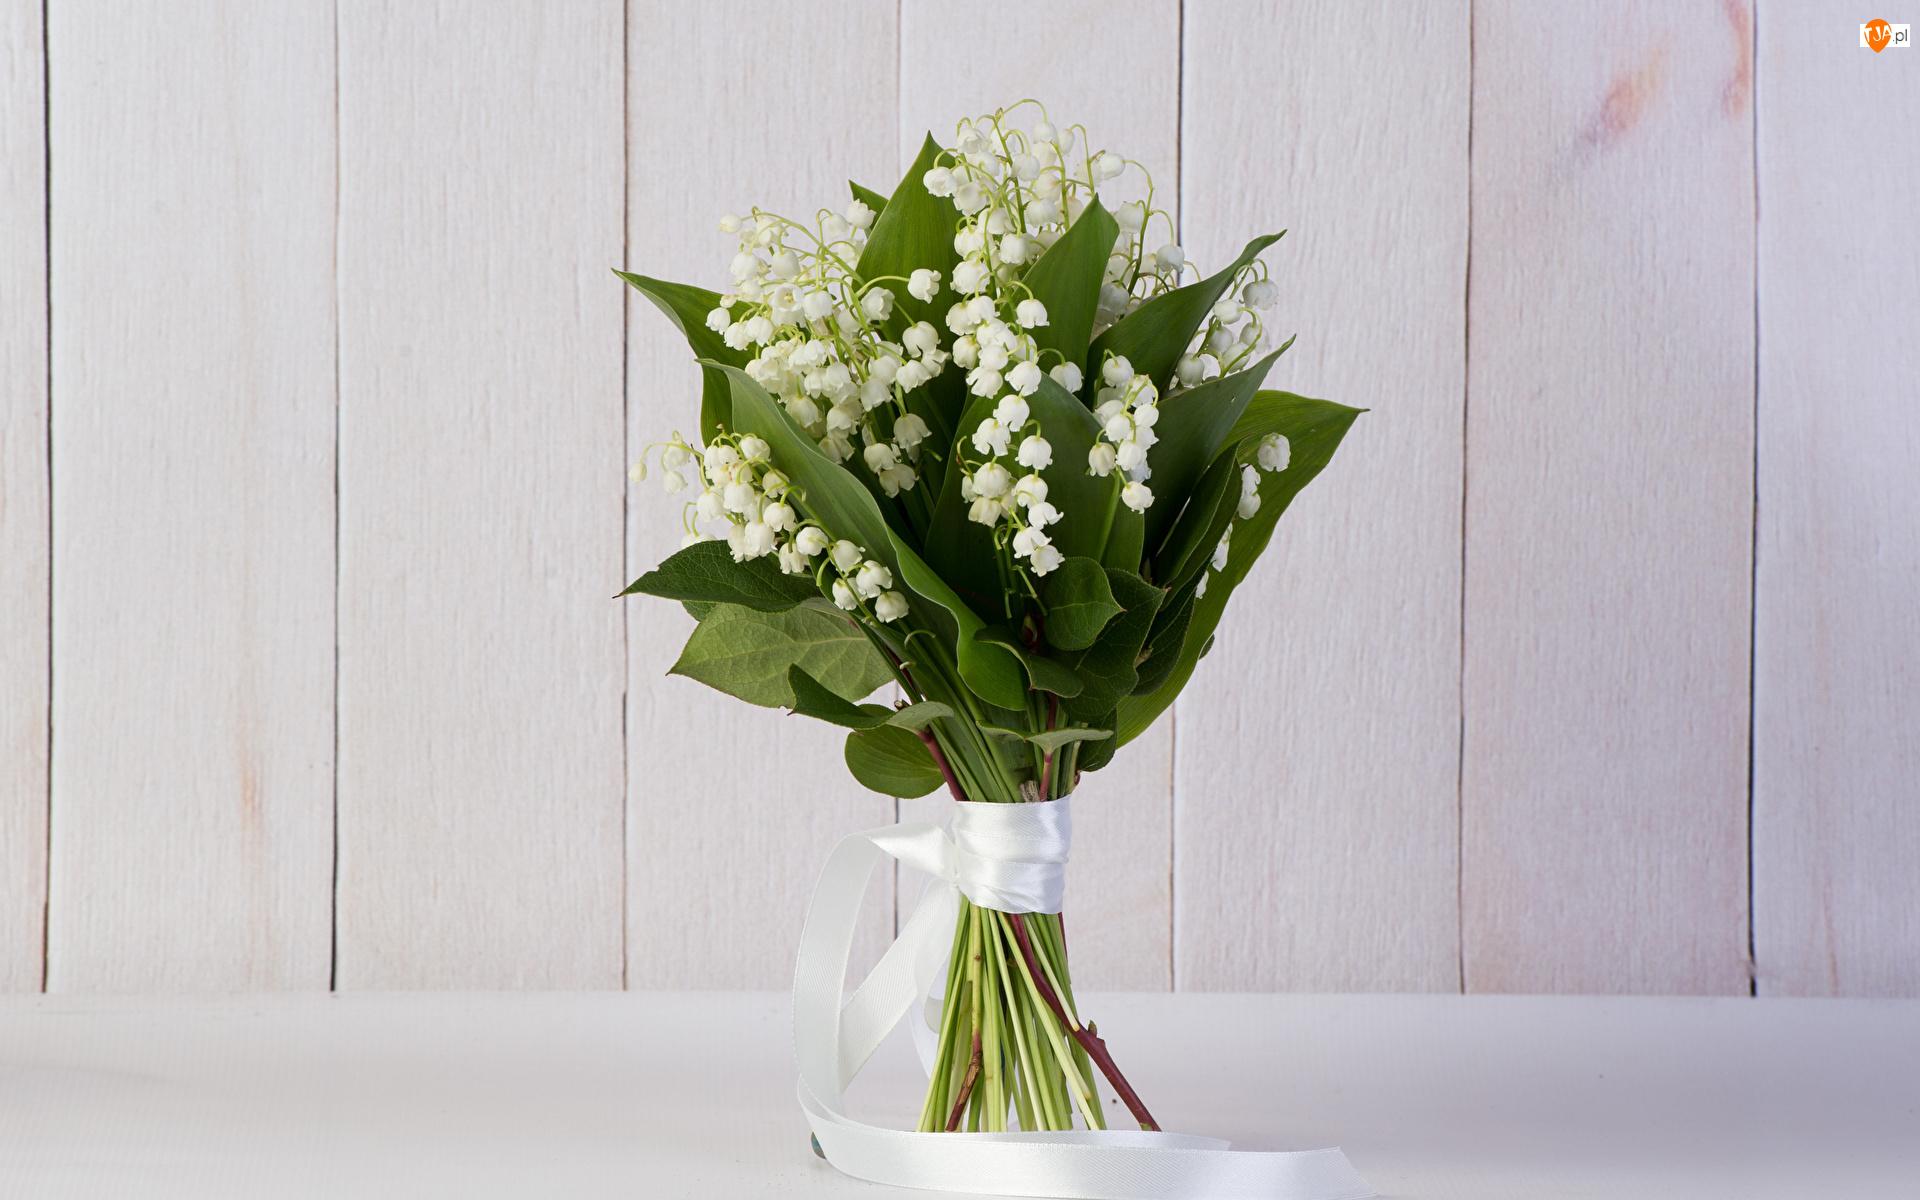 Bukiet, Deski, Konwalie majowe, Kwiaty, Wstążka biała